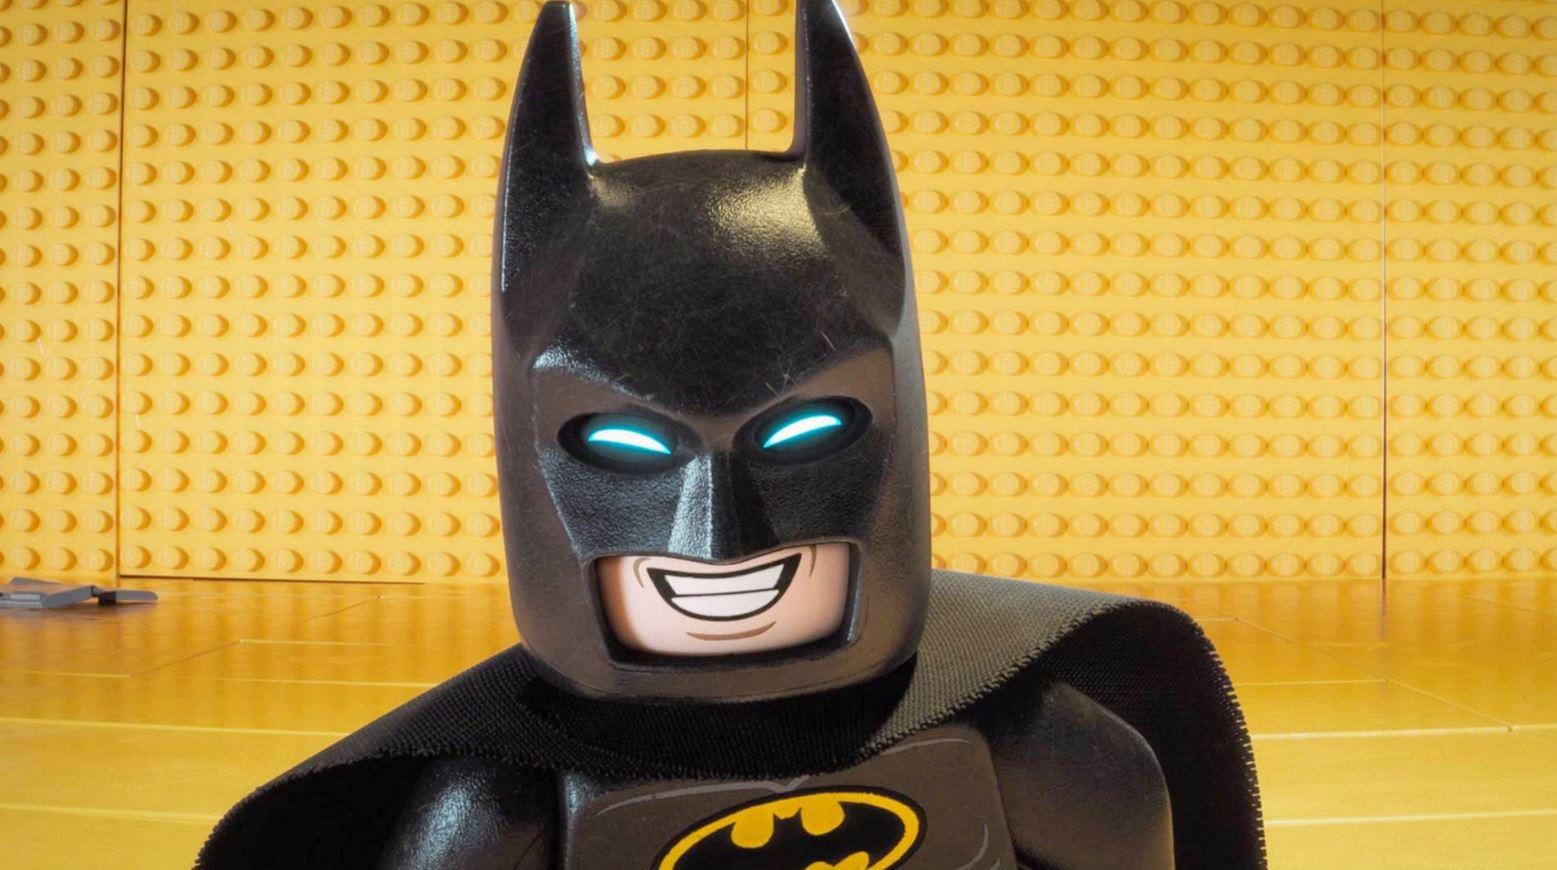 Batman Archive - Seite 4 von 16 - HIGHLIGHTZONE